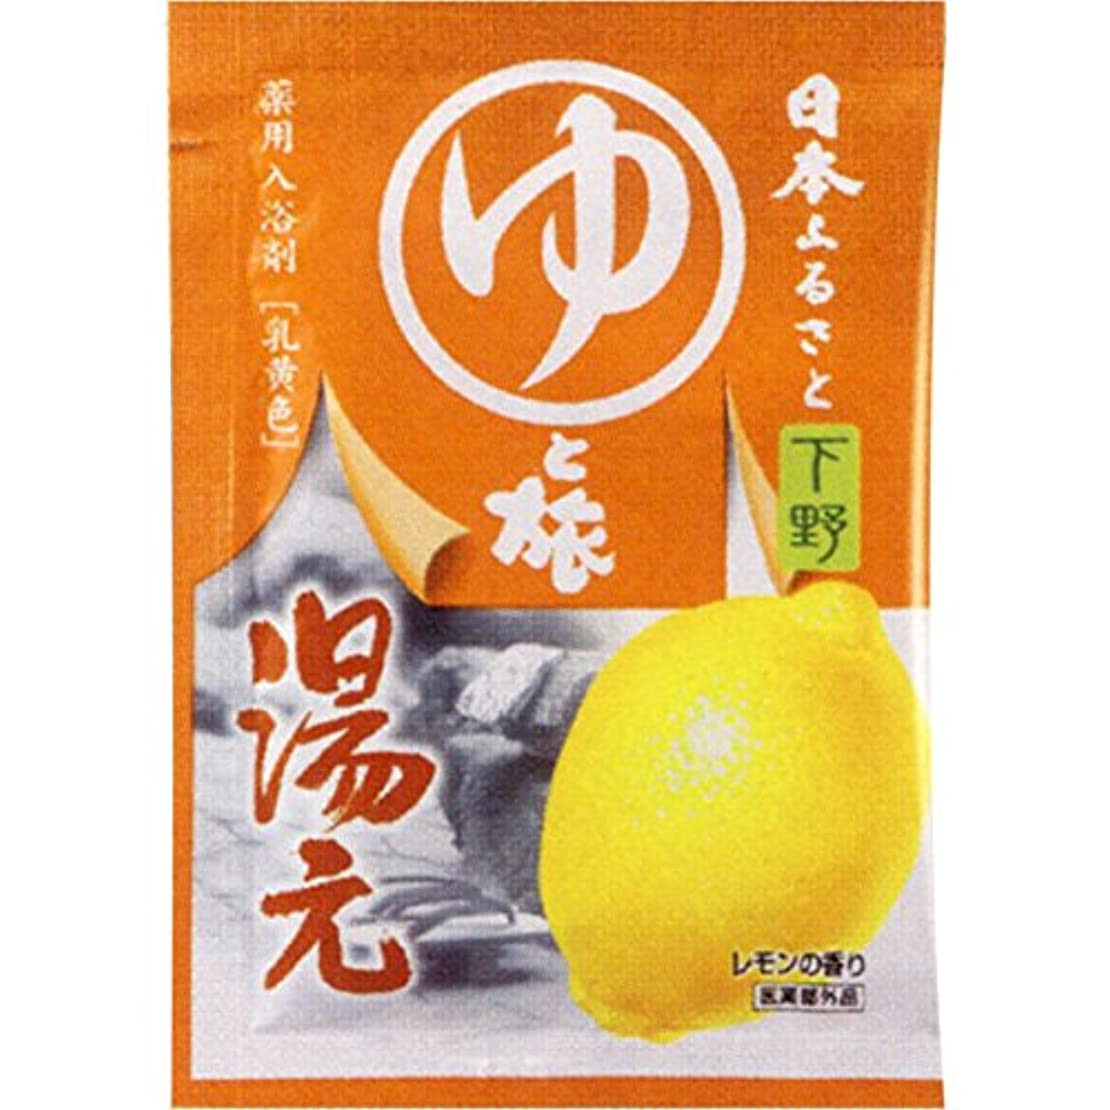 意味のある限定偉業ヤマサキ 日本ふるさとゆと旅 湯元 30g (医薬部外品)